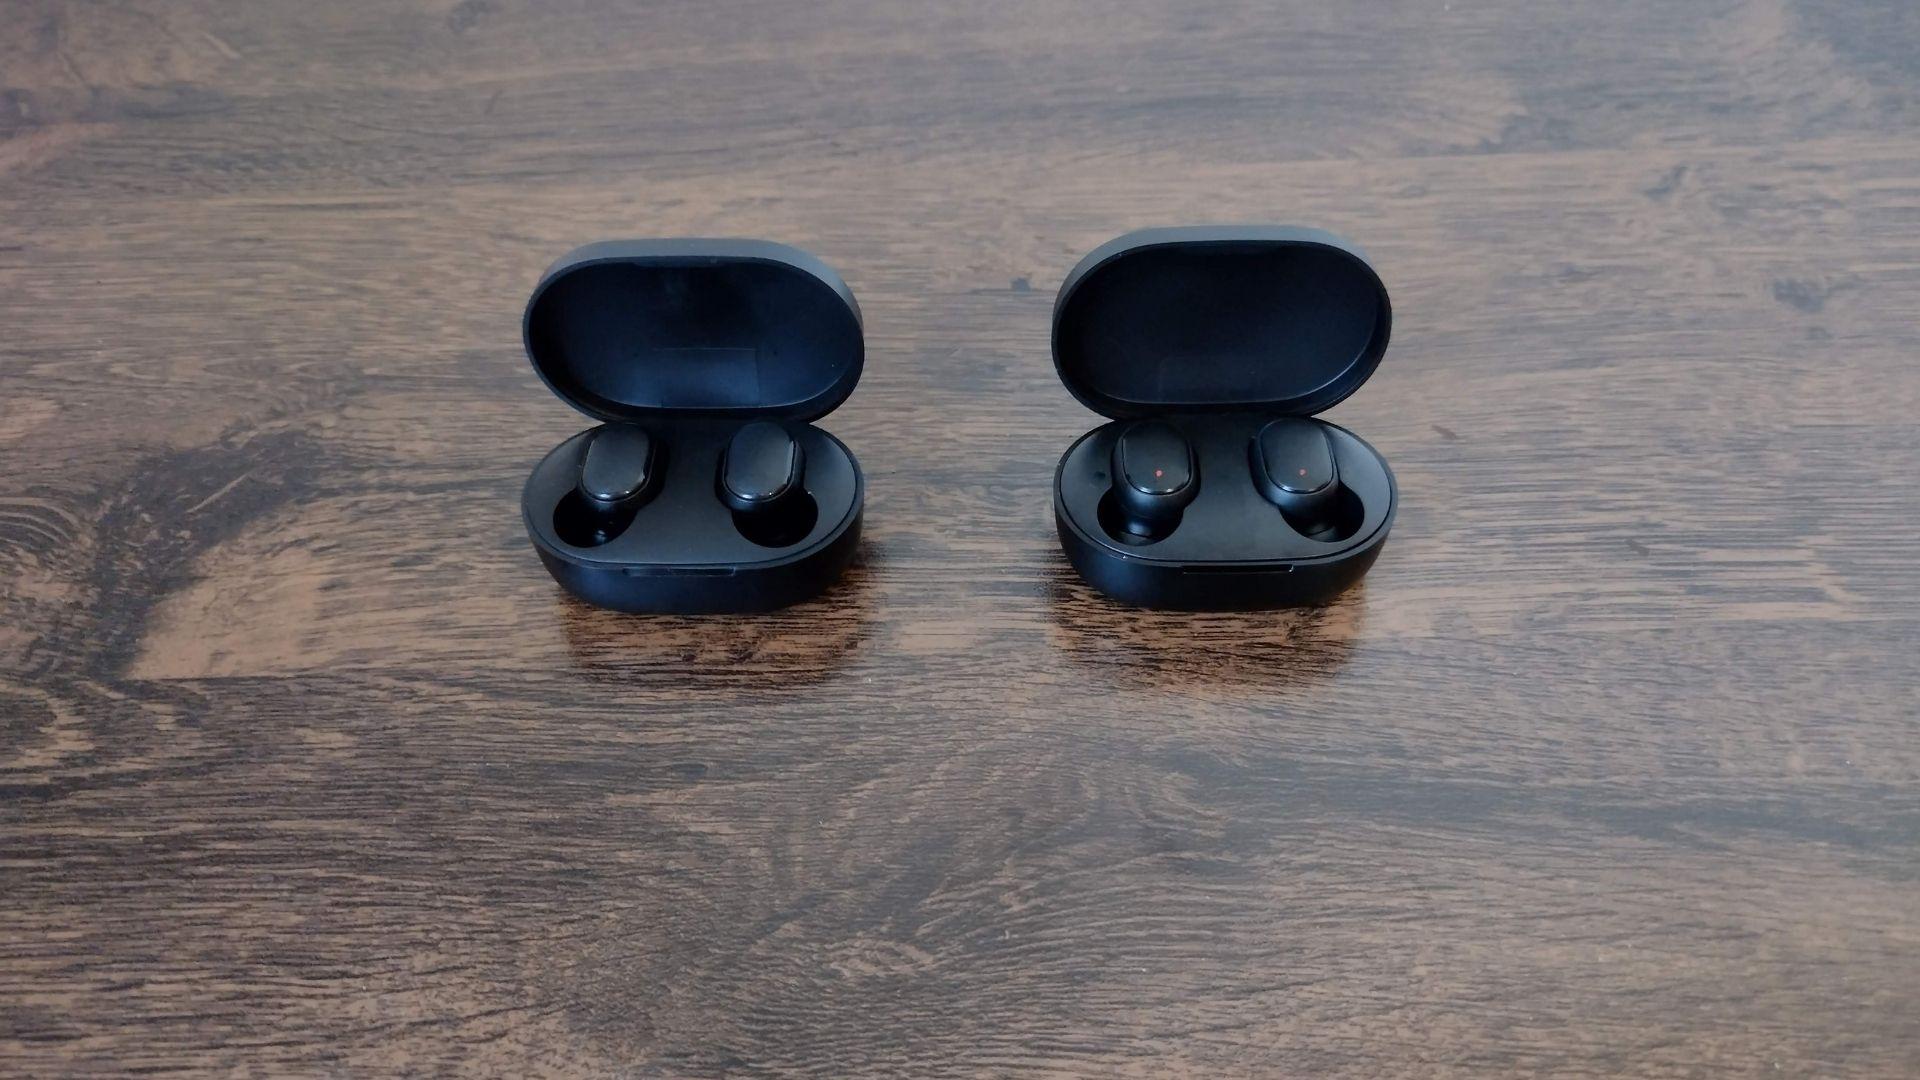 Redmi AirDots (à esquerda) e AirDots 2 (à direita) são praticamente iguais (Foto: Aline Batista/Zoom)